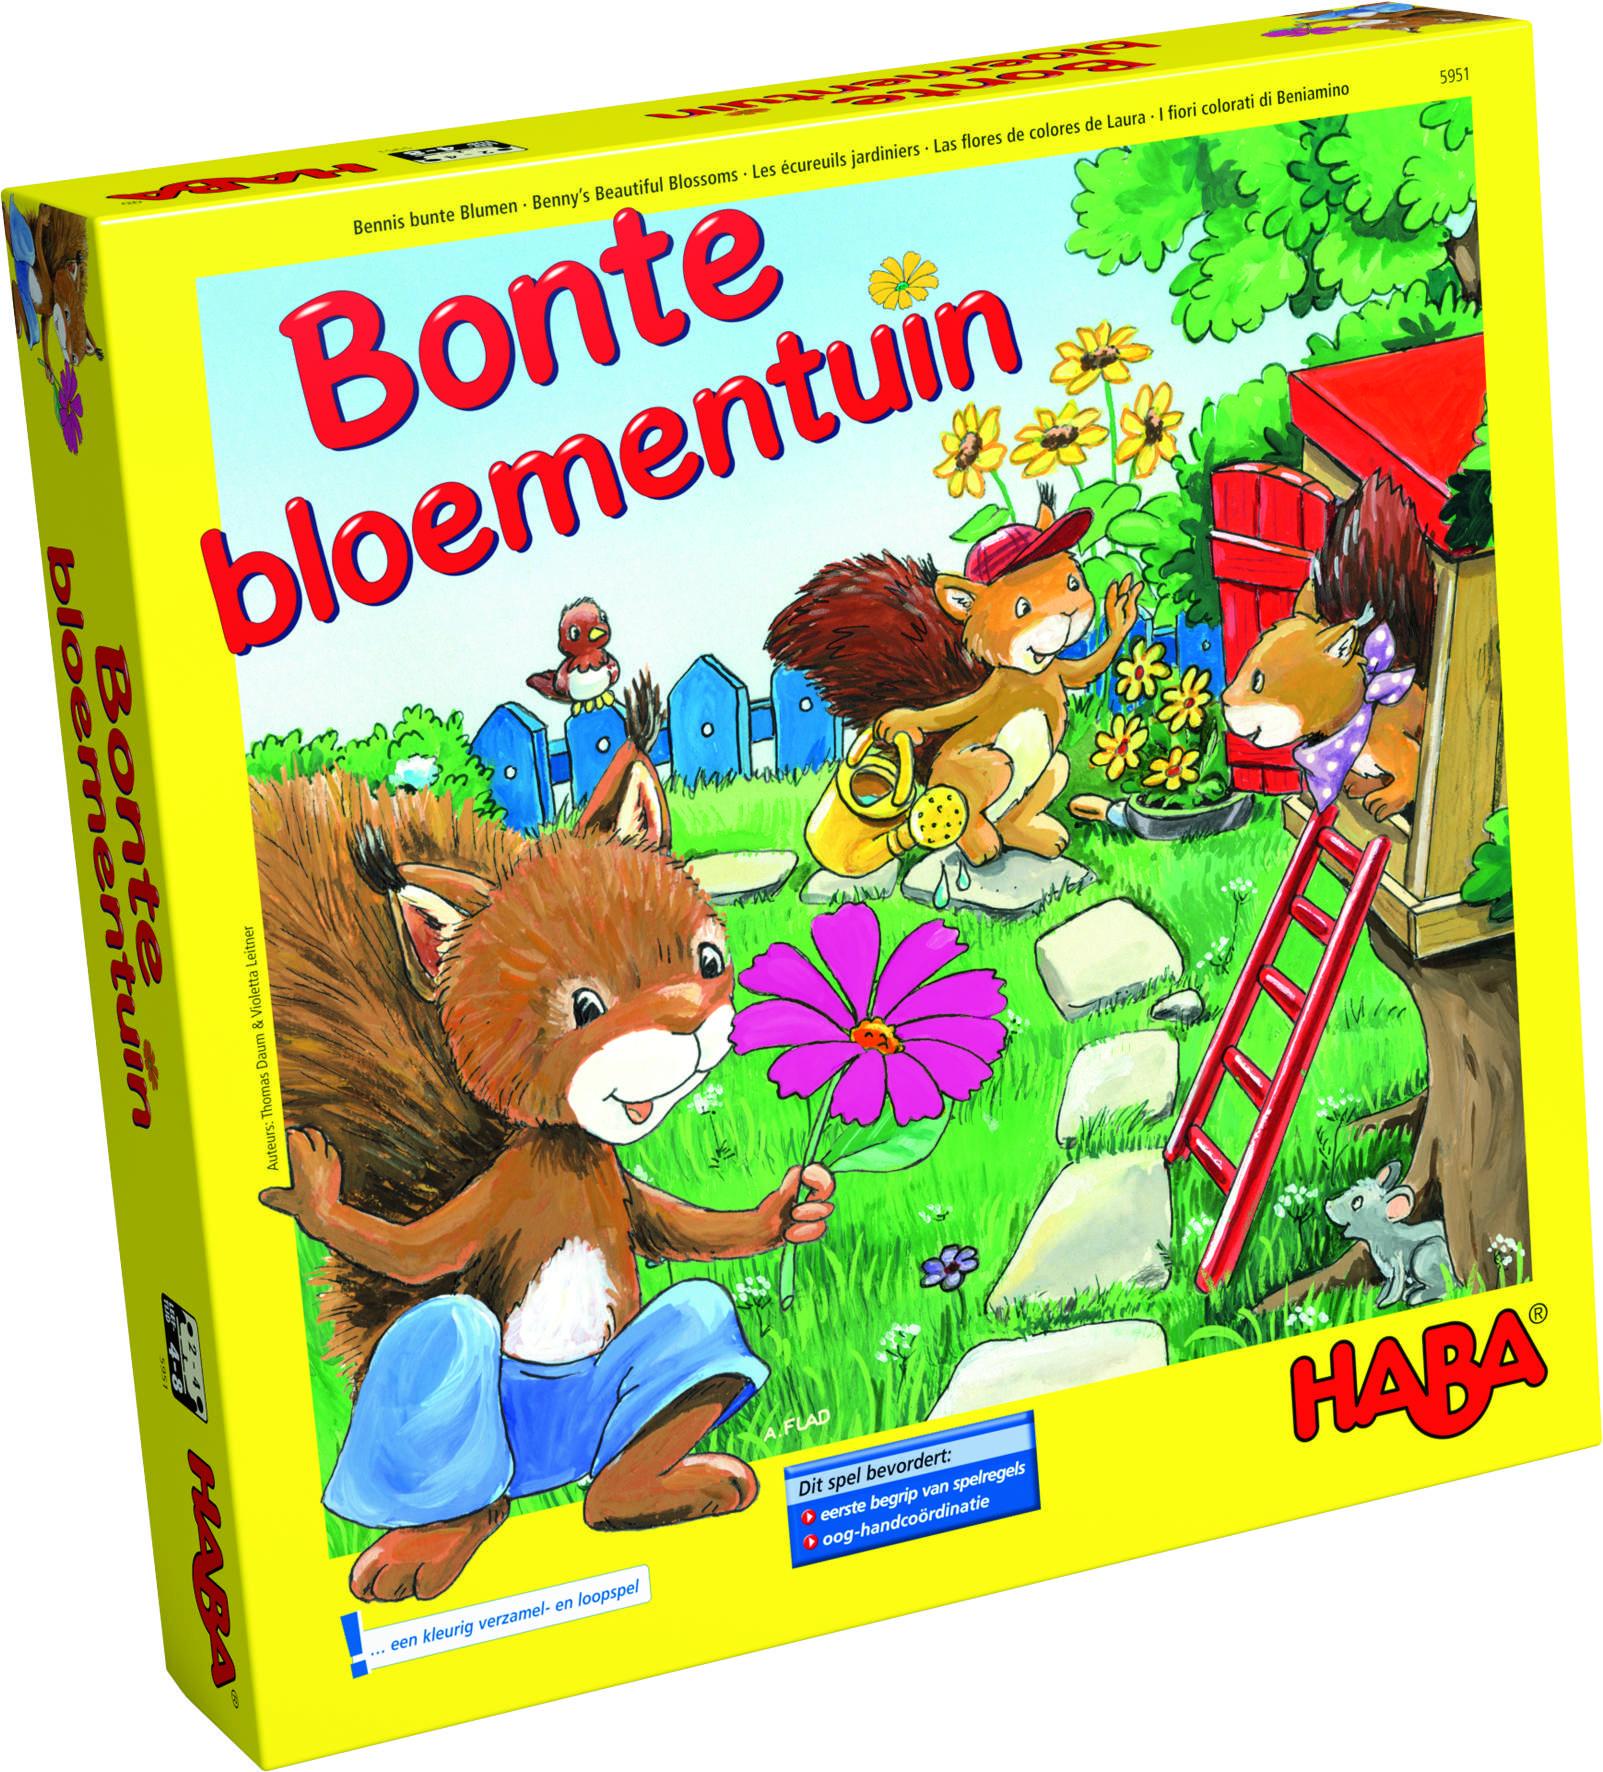 Bonte bloementuin van haba kopen for Www bloem en tuin nl